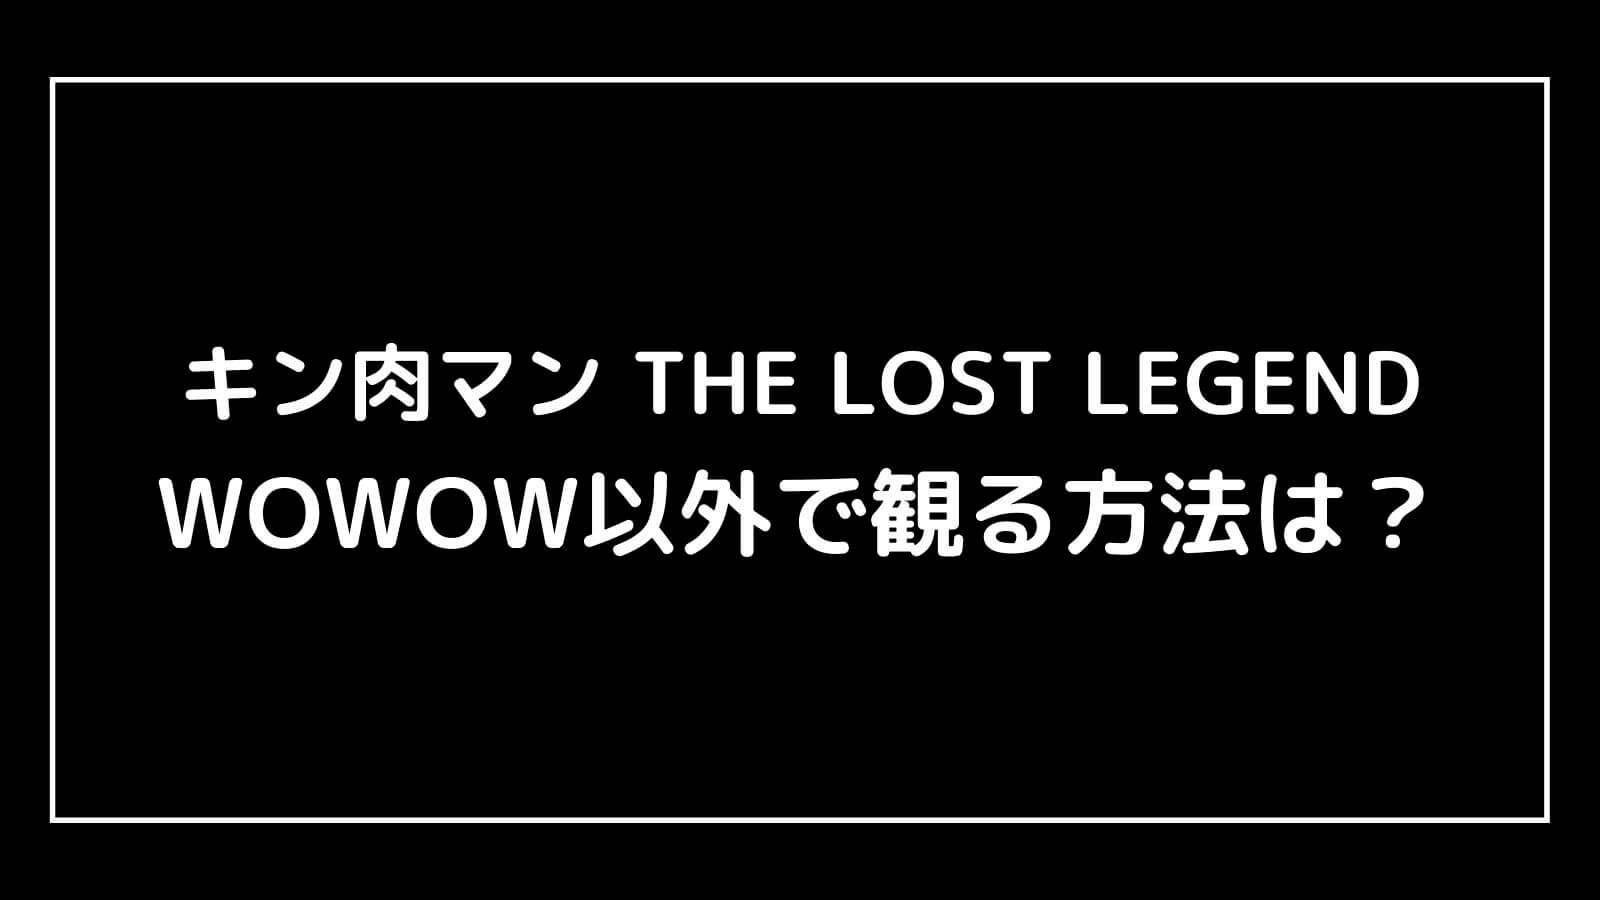 ドラマ『キン肉マン THE LOST LEGEND』をWOWOW以外で観る方法は?WOWOW契約の流れを画像付きで解説